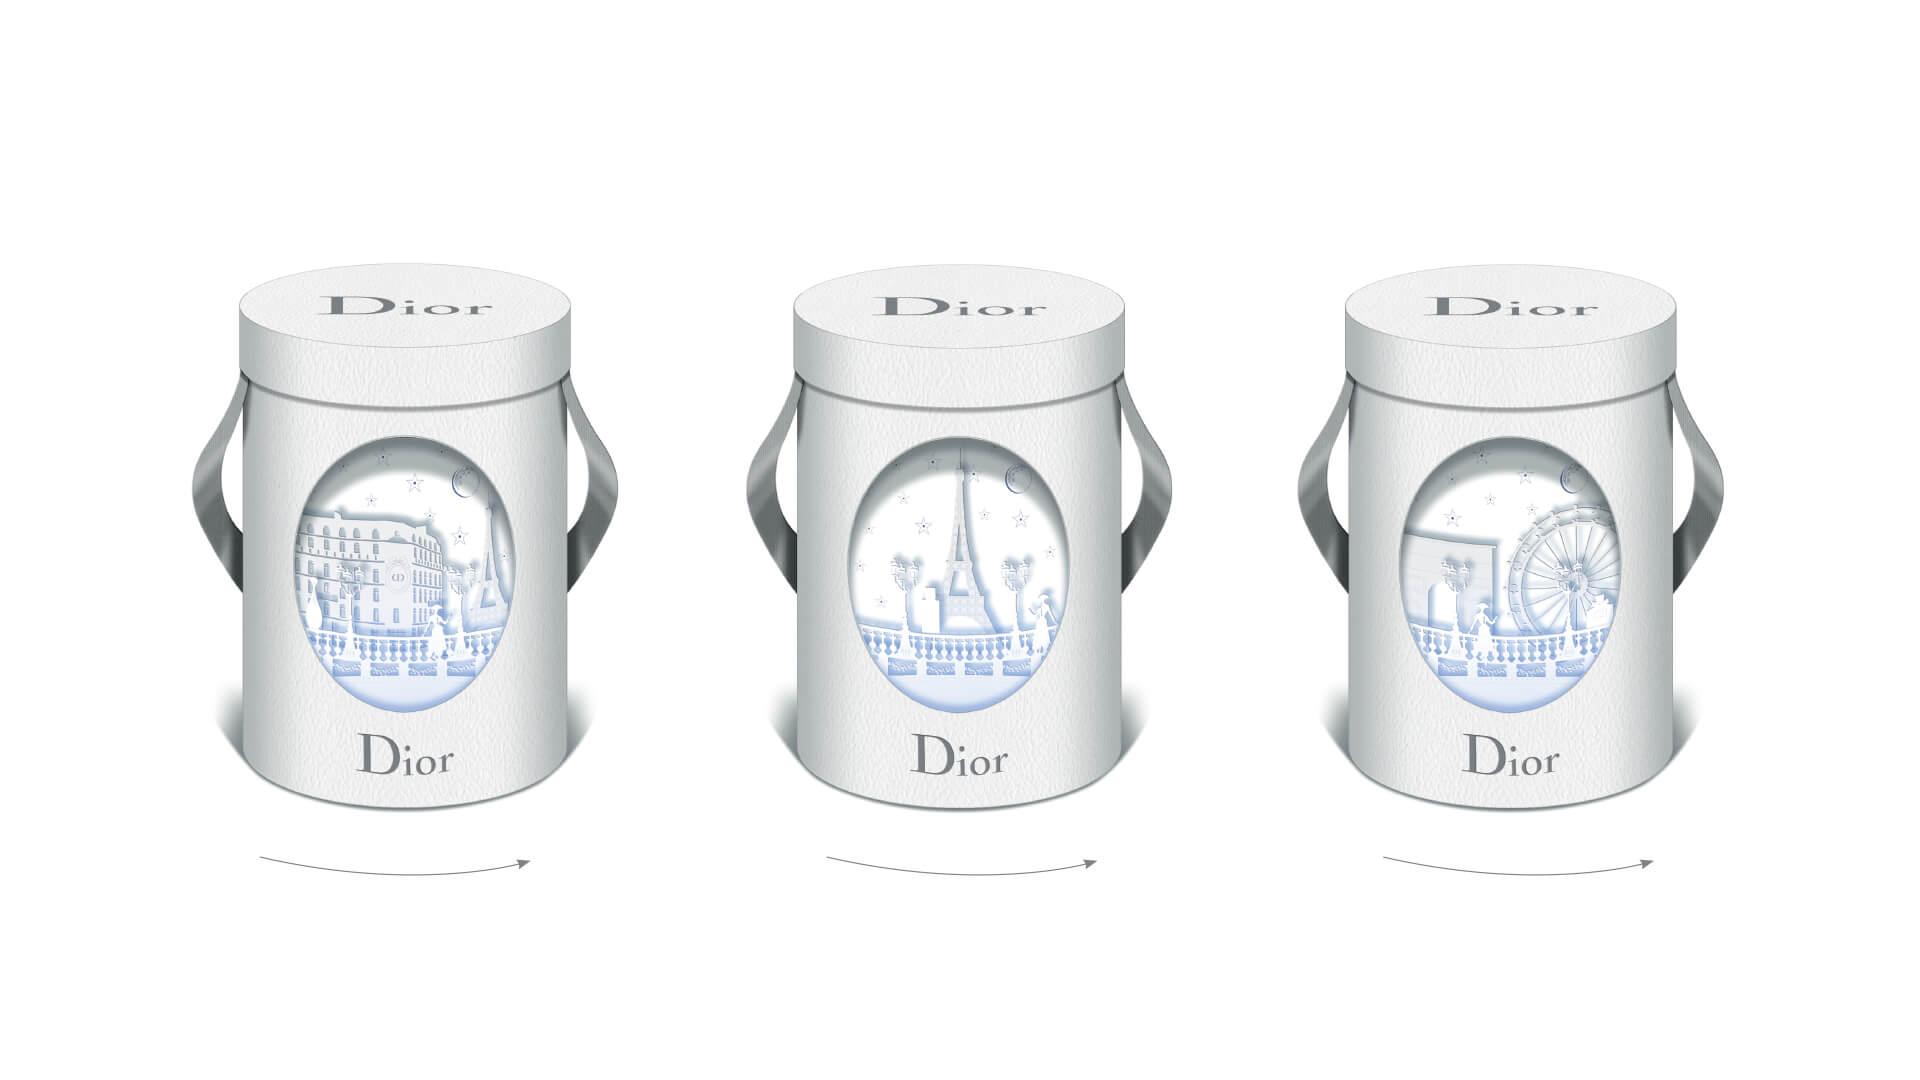 Lanterne Full Moon Festival Dior 3 Illustration Et Design Objet